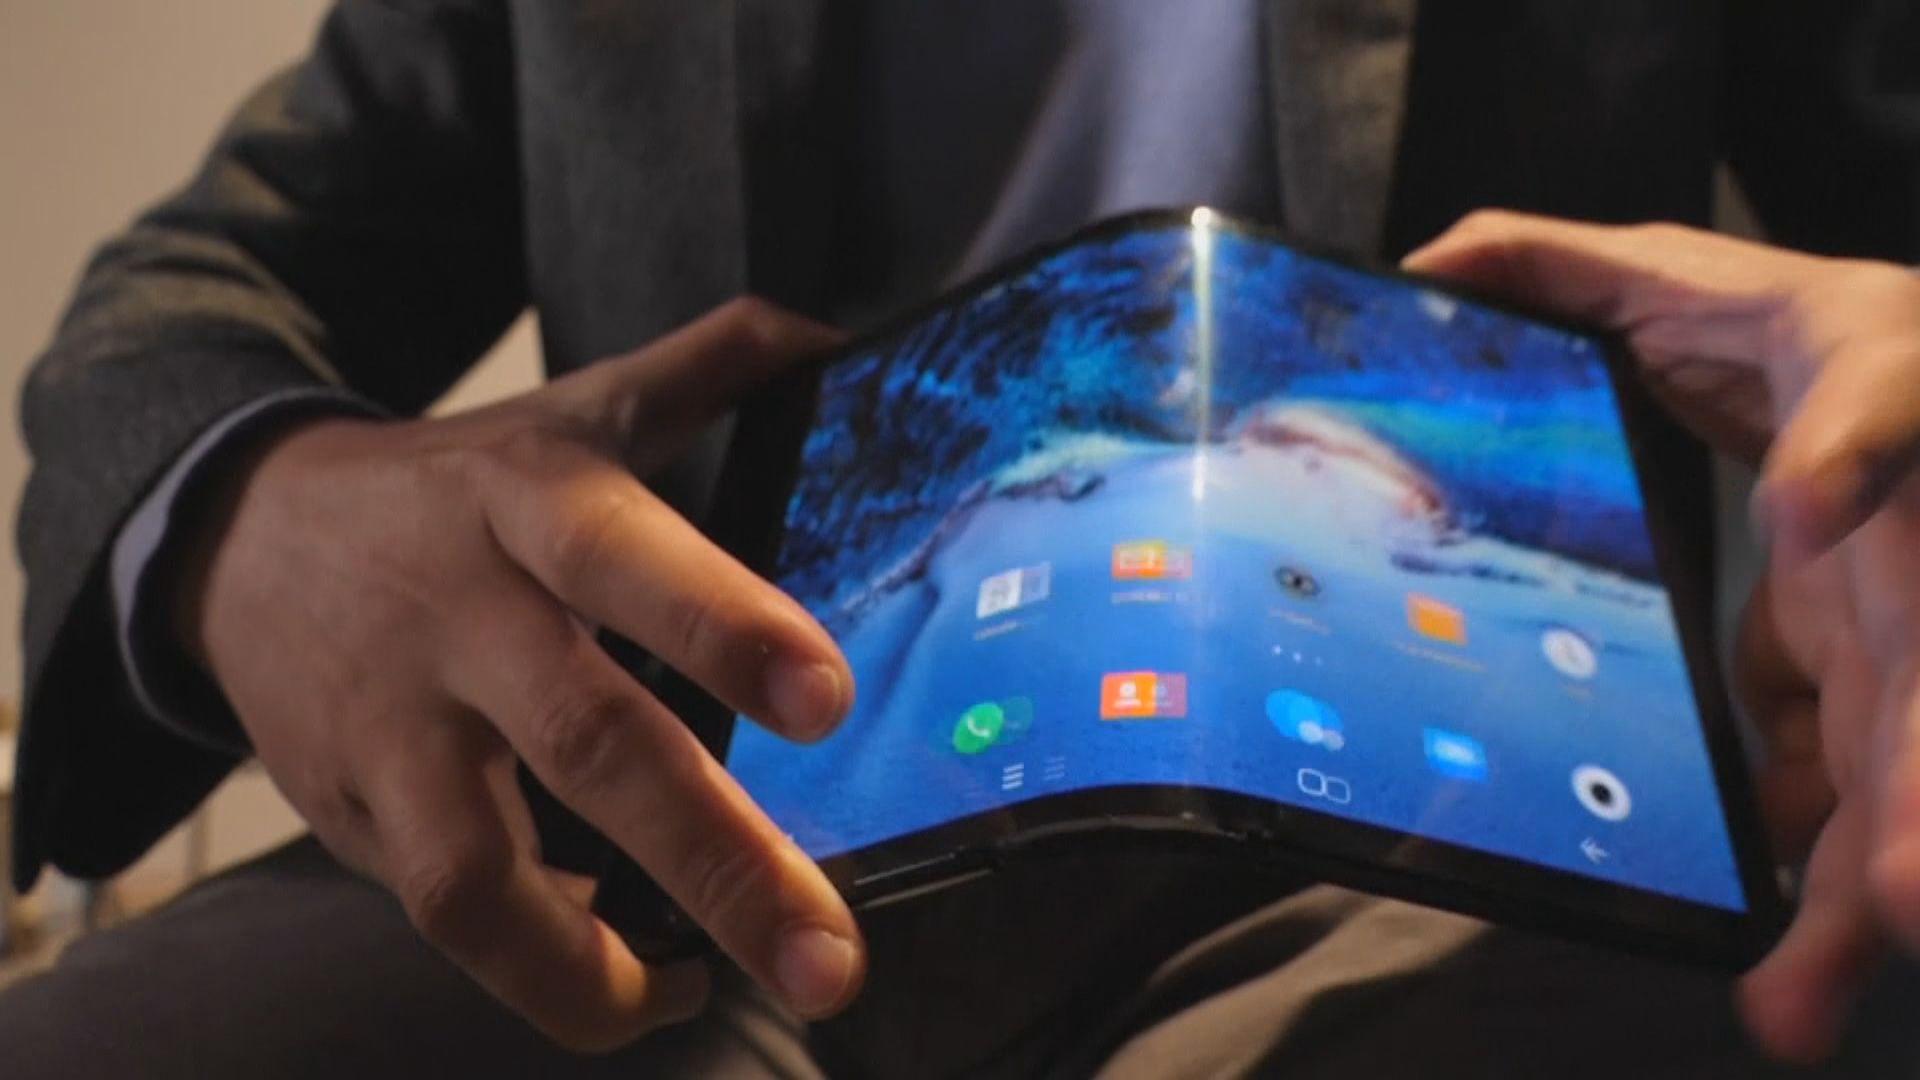 【潮玩科技】摺疊式屏幕手機有幾「屈機」?